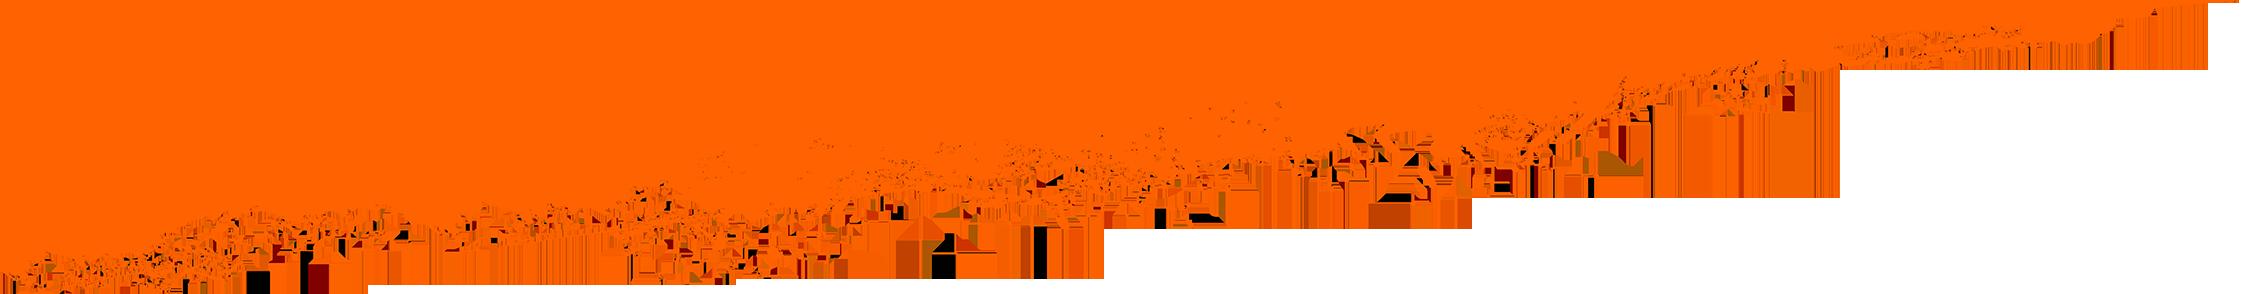 Werbekaiser-Lichtwerbung-Design